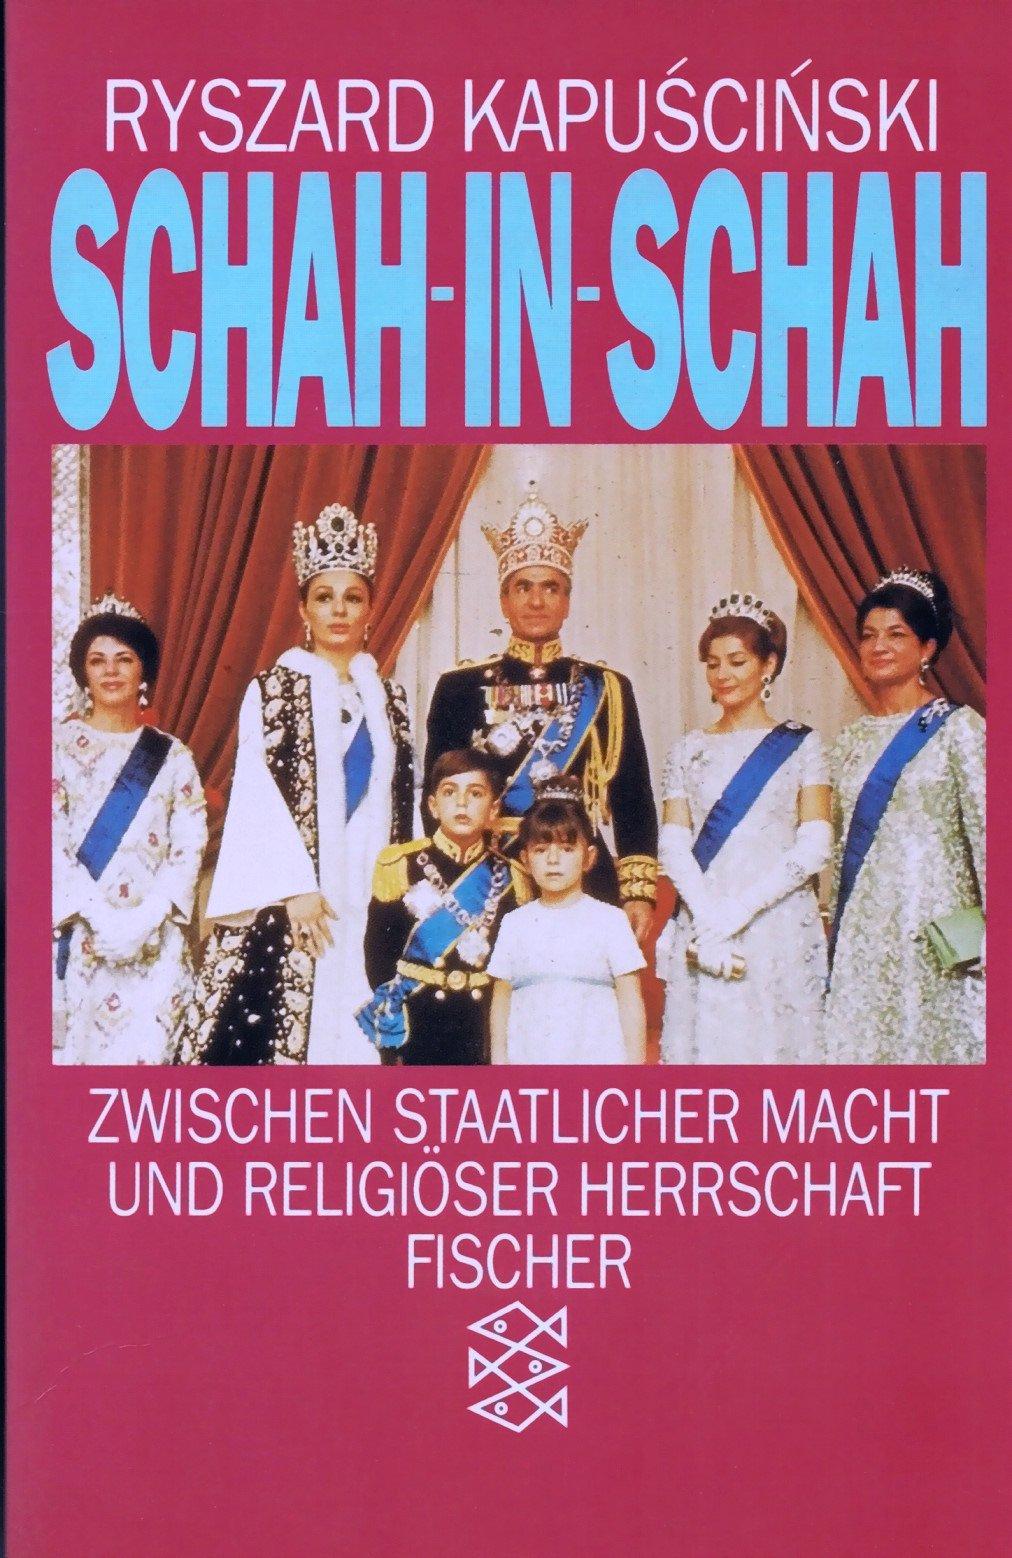 Schah-in-schah